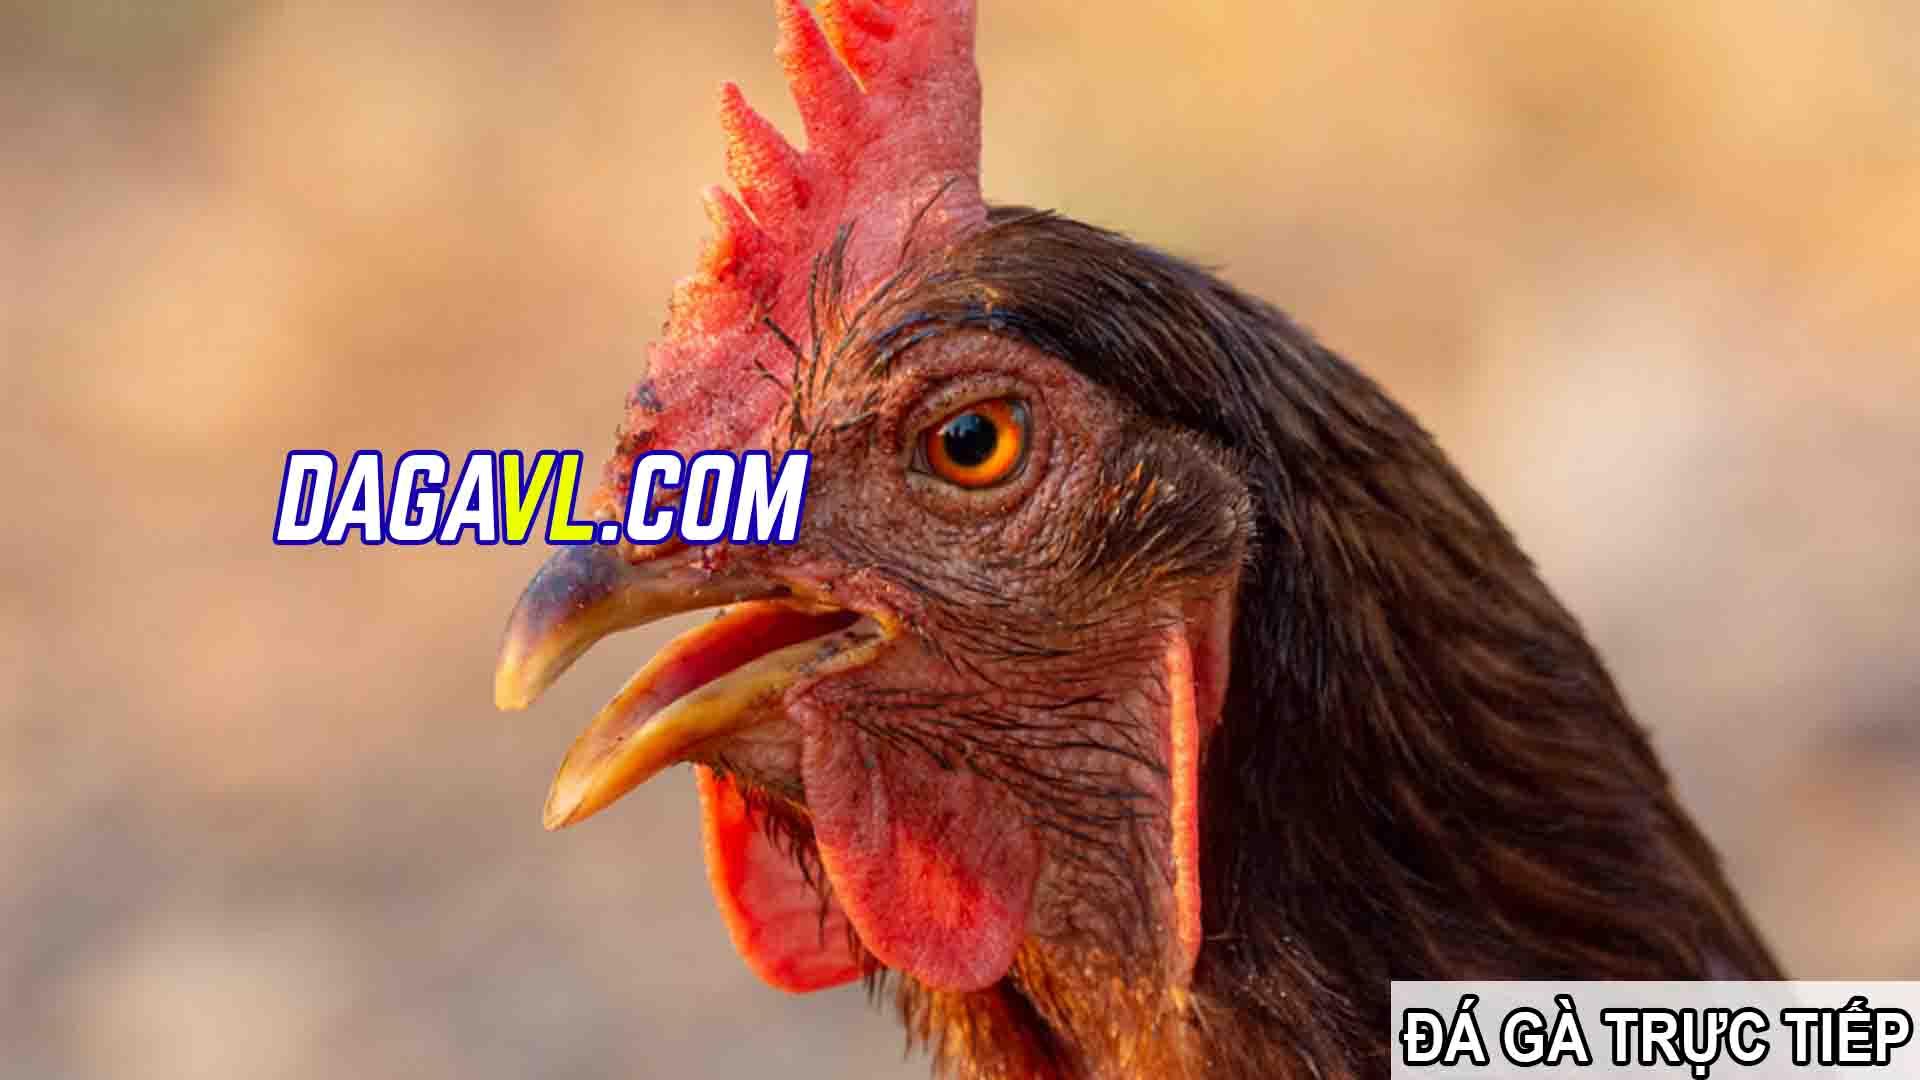 DAGAVL.COM - đá gà trực tiếp. SPAM bán gà đá trên Facebook